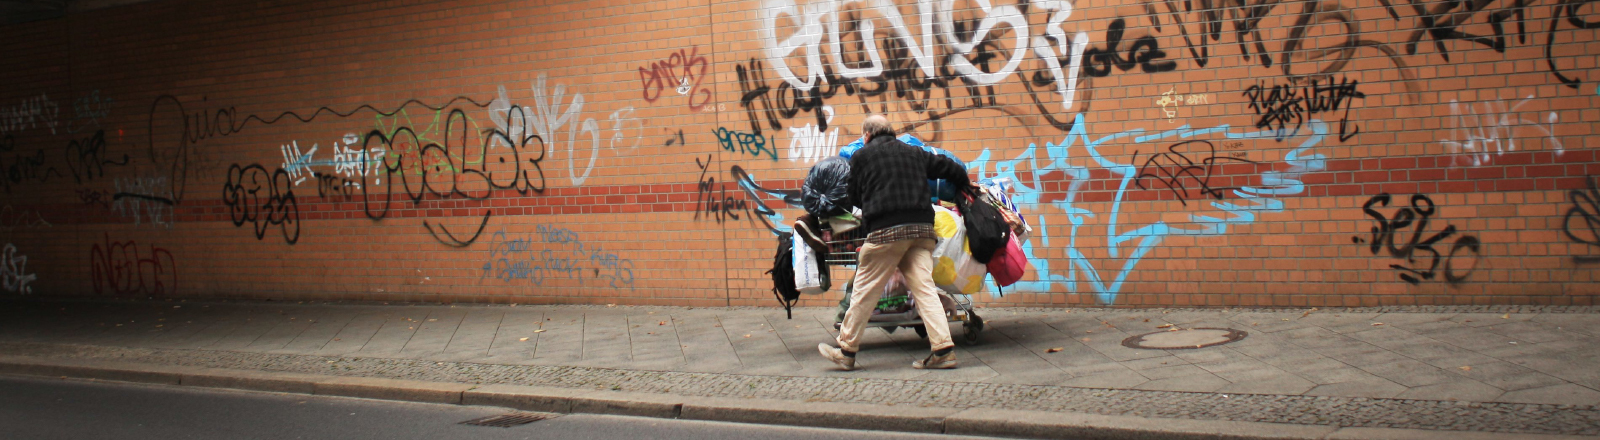 Ein wohnungsloser Mann mit einem Einkaufswagen auf der Straße